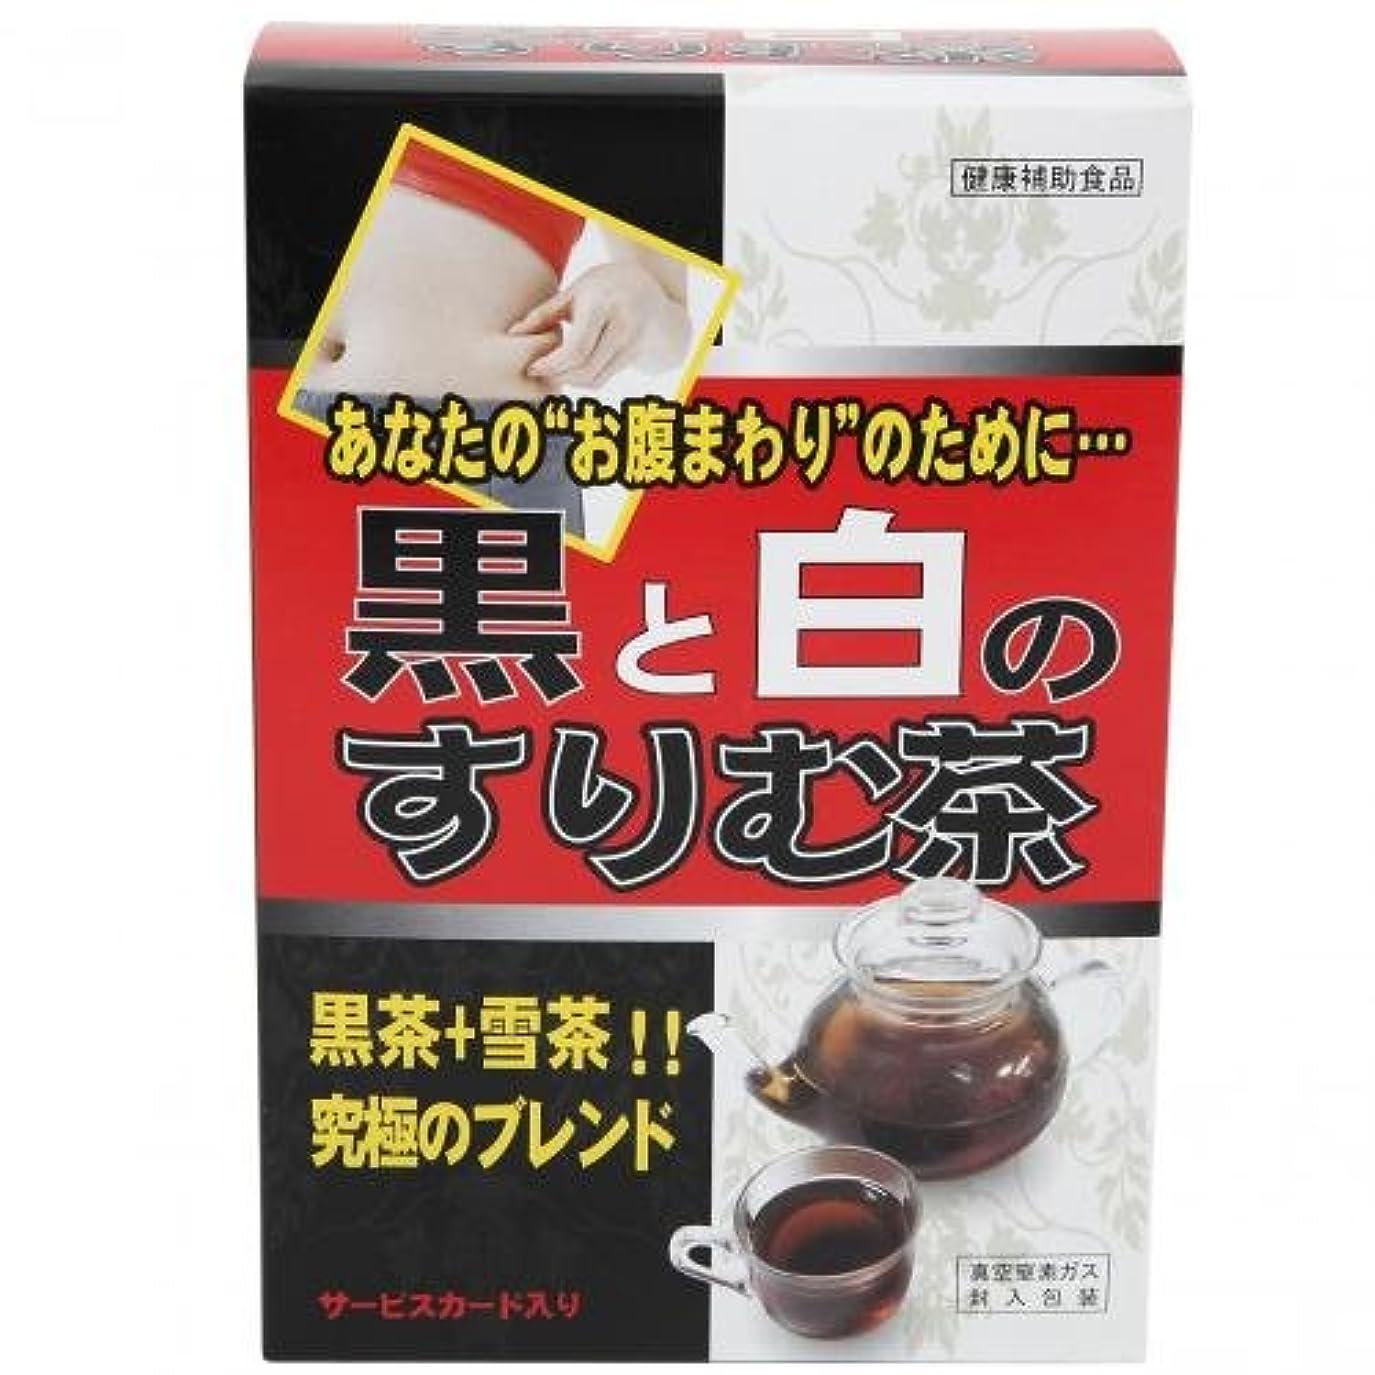 かもしれない支援する彼らは共栄黒と白のすりむ茶 24包